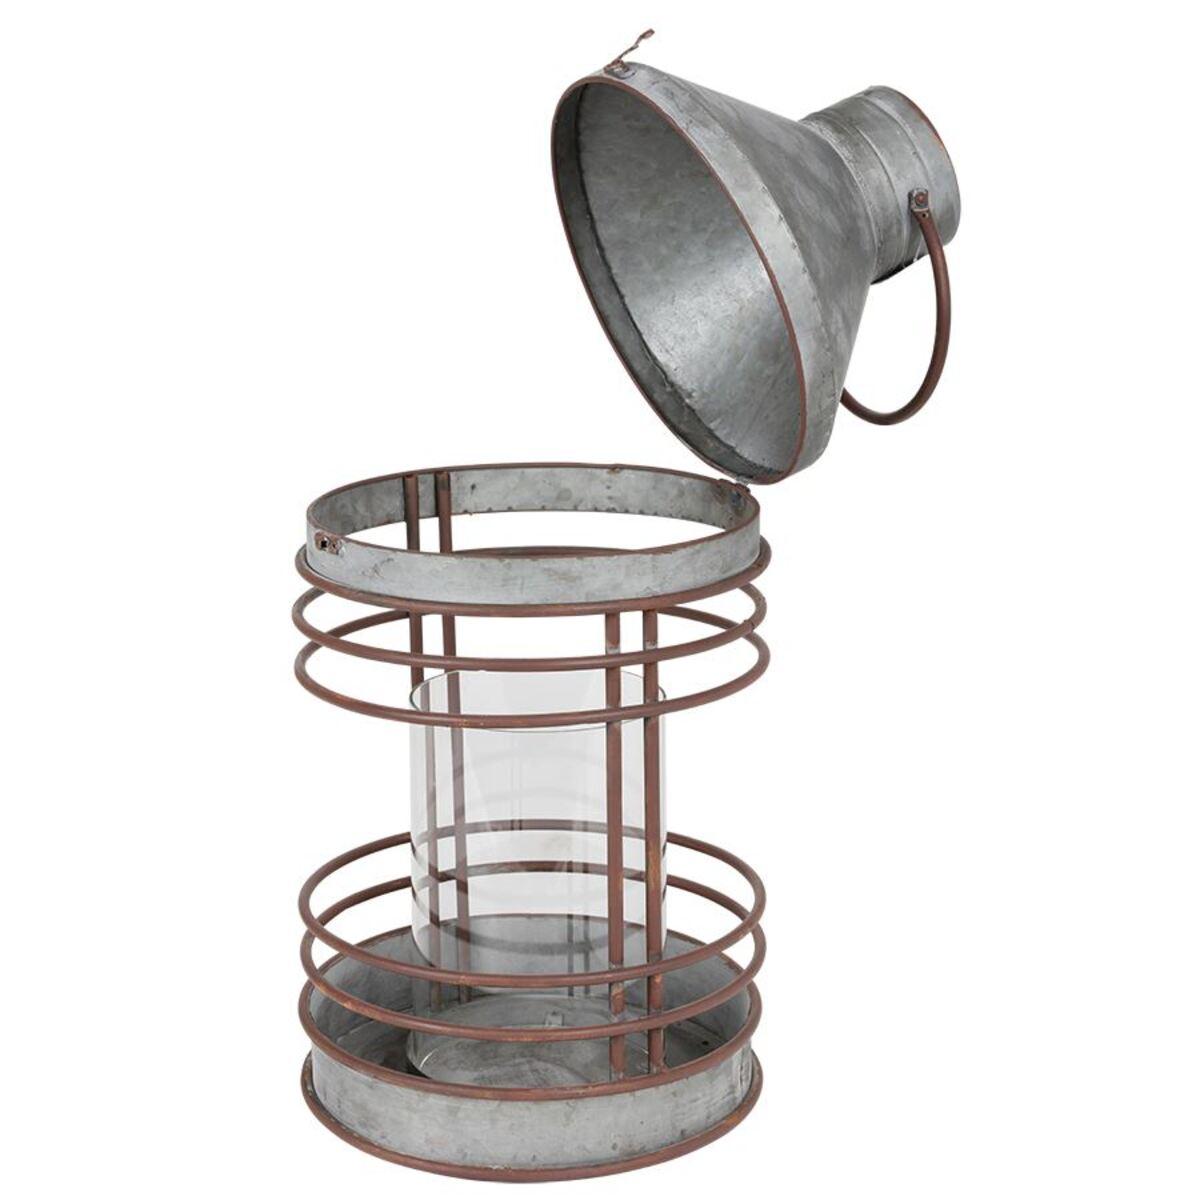 Bild 3 von Outdoor-Laterne aus Zink mit Glaseinsatz 51,5cm